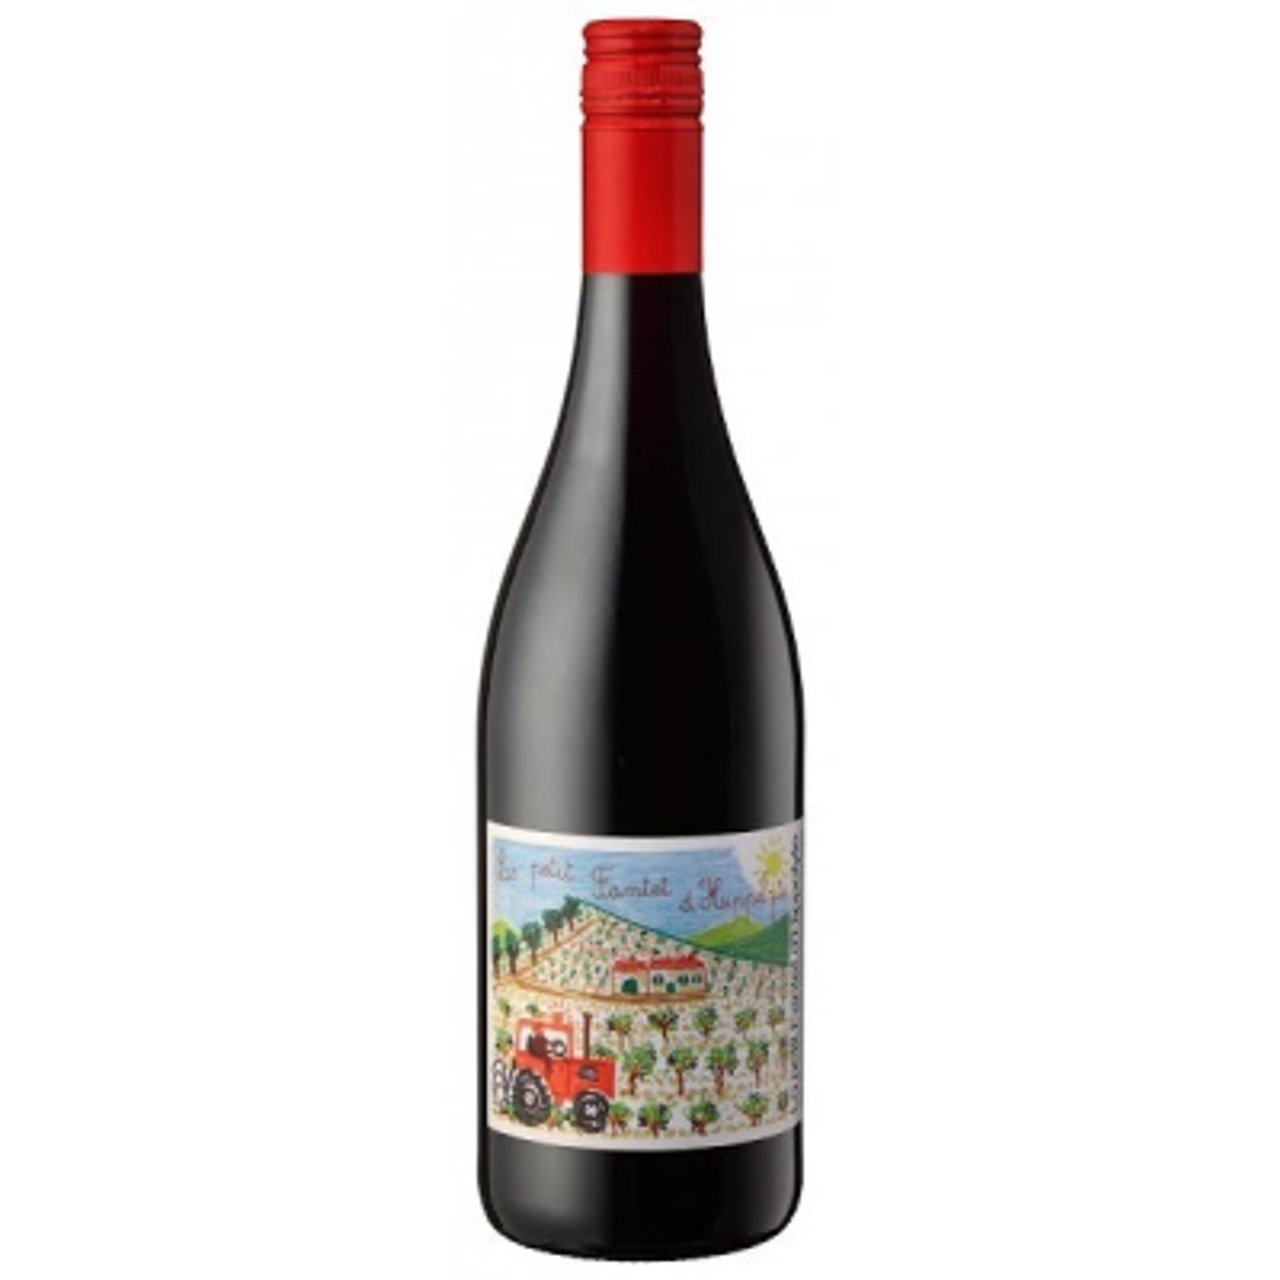 Languedoc Rhone Blend